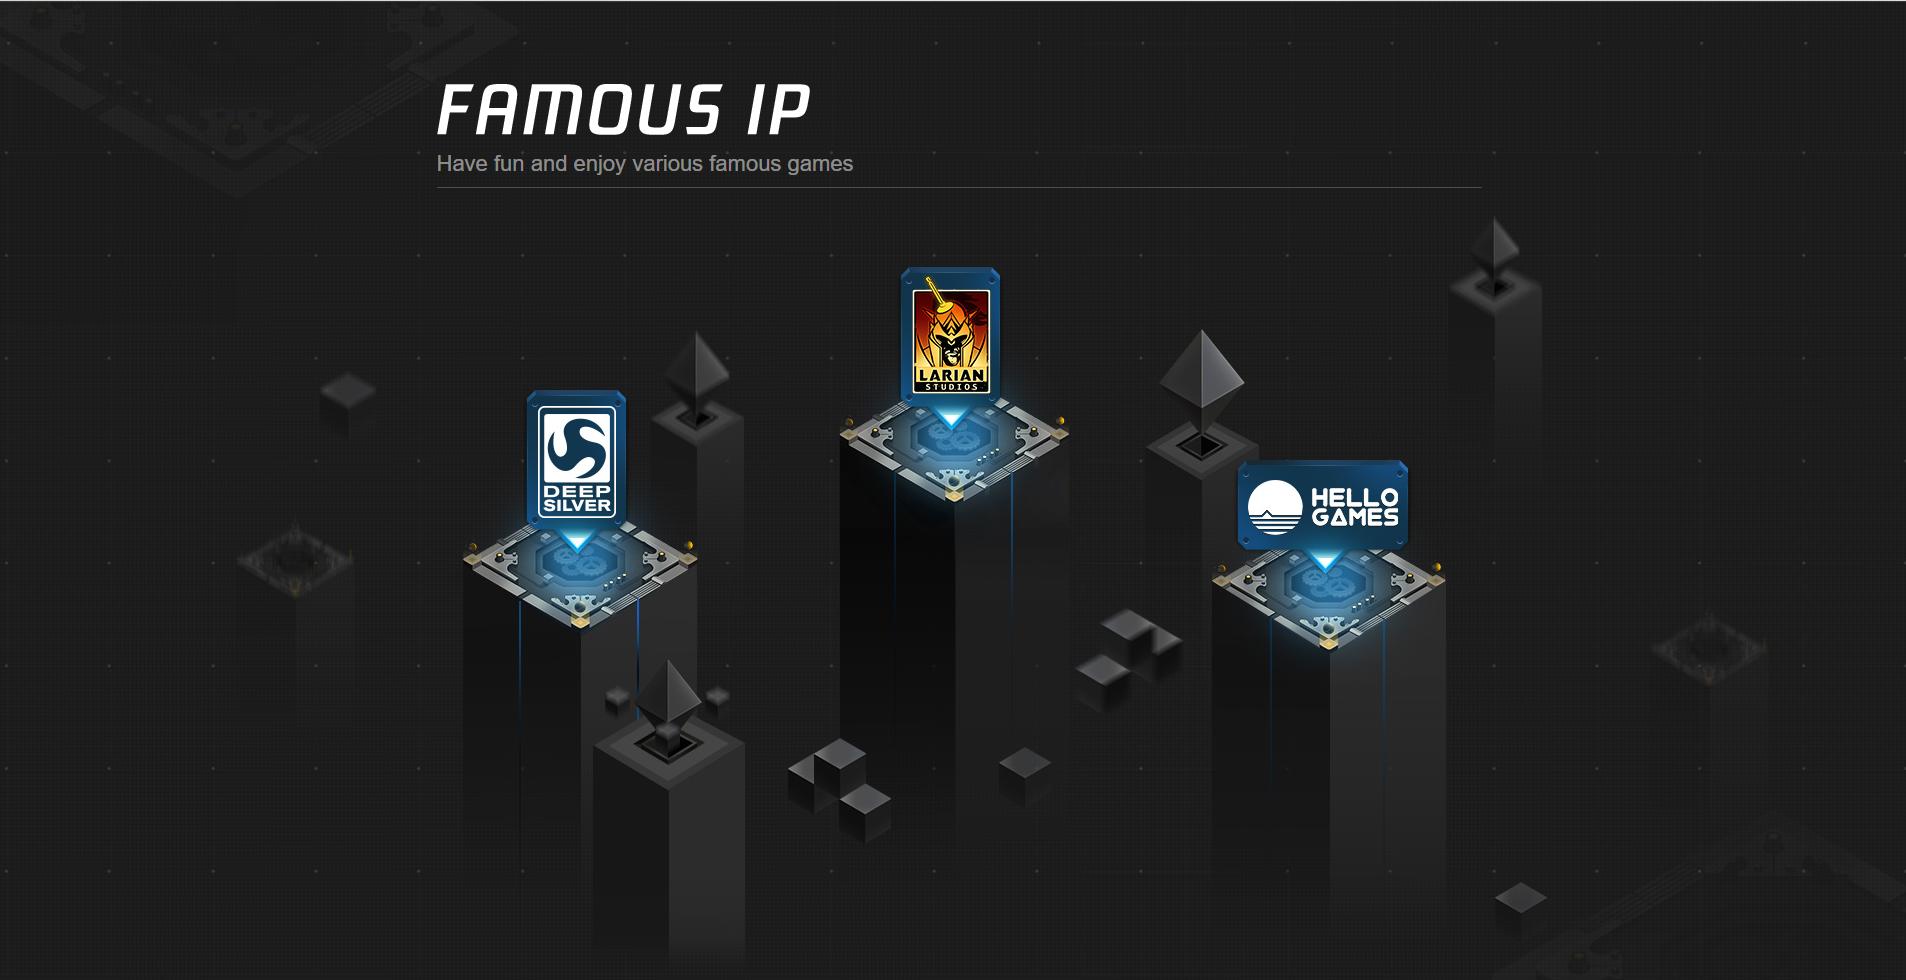 腾讯WegameX使用的是香港域名,暂时只有29款游戏